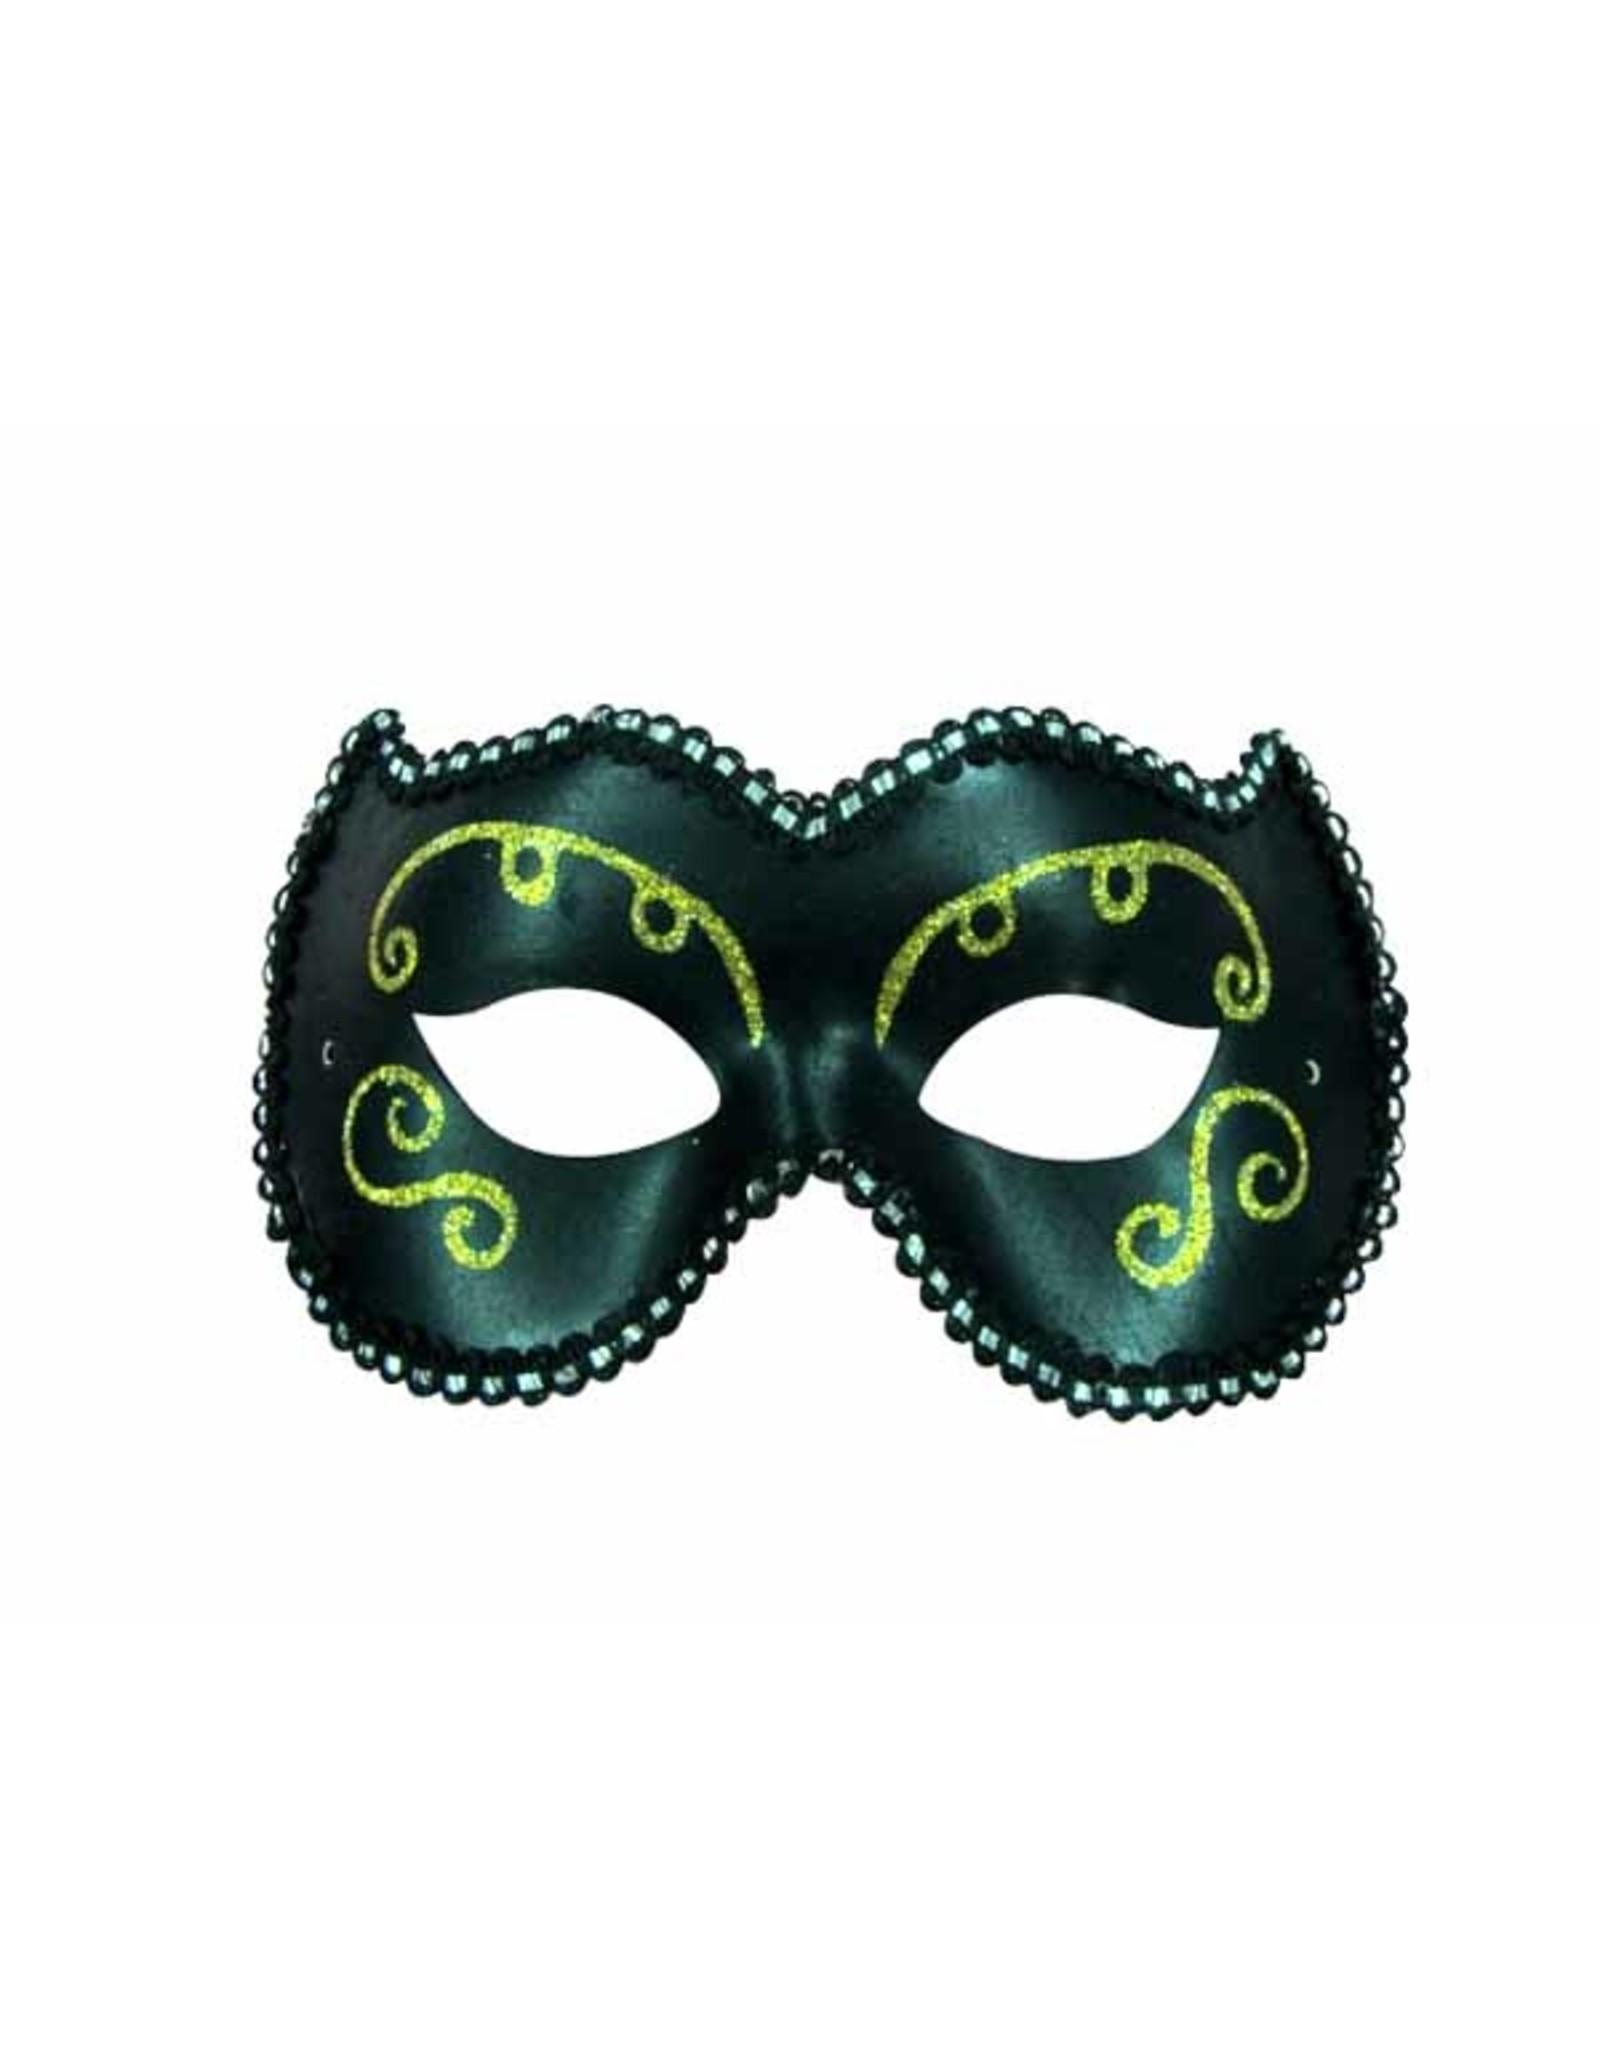 SKS Novelty Black and Gold Face Mask